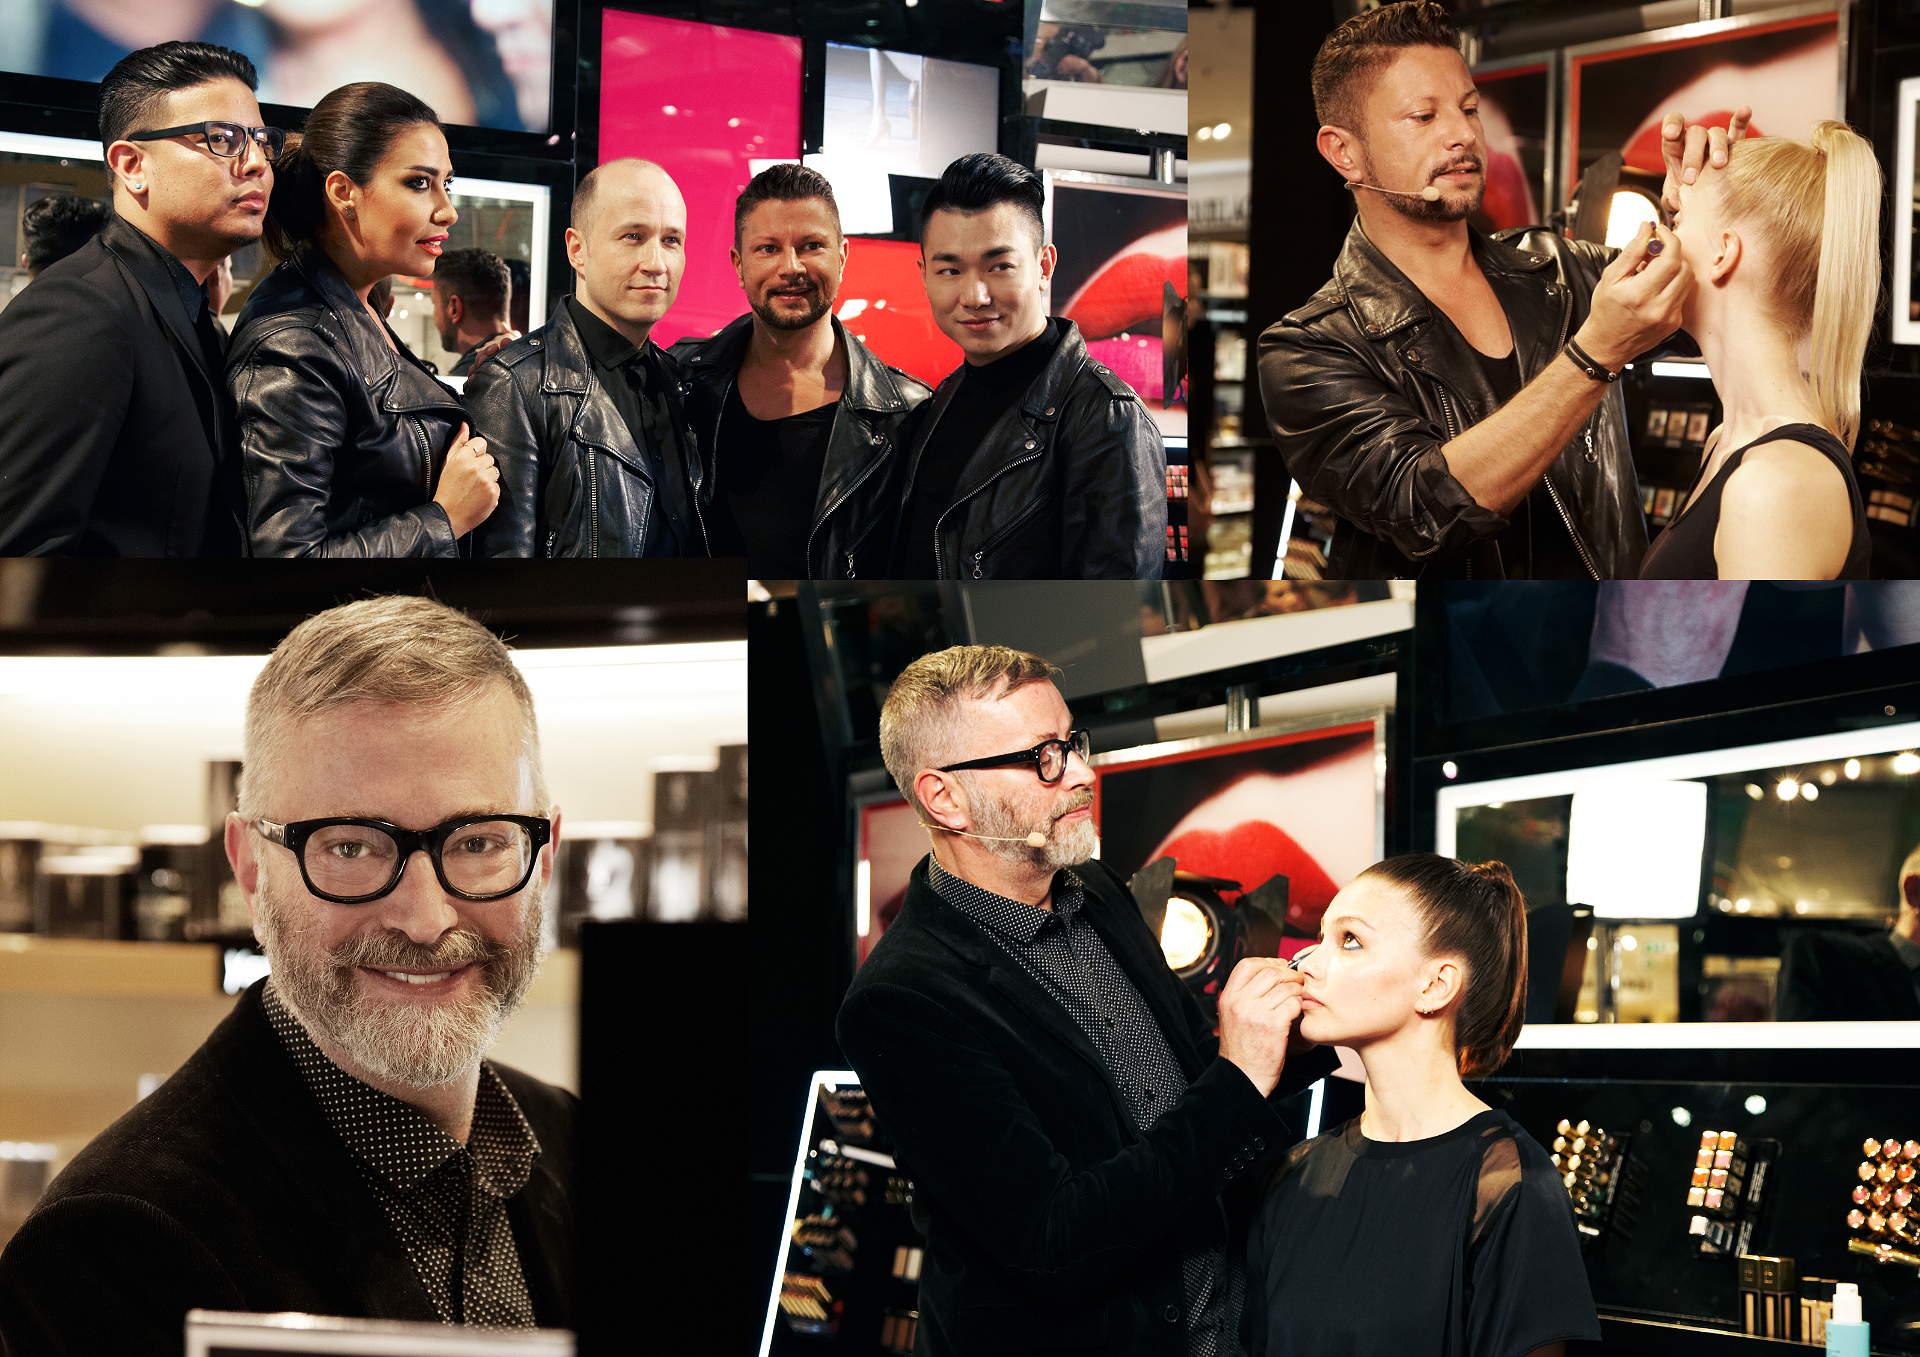 Internationale Make-up-Artists auf dem After Work Event von YSL Beauté und Lloyd Simmonds beim Präsentieren des neuen Looks.